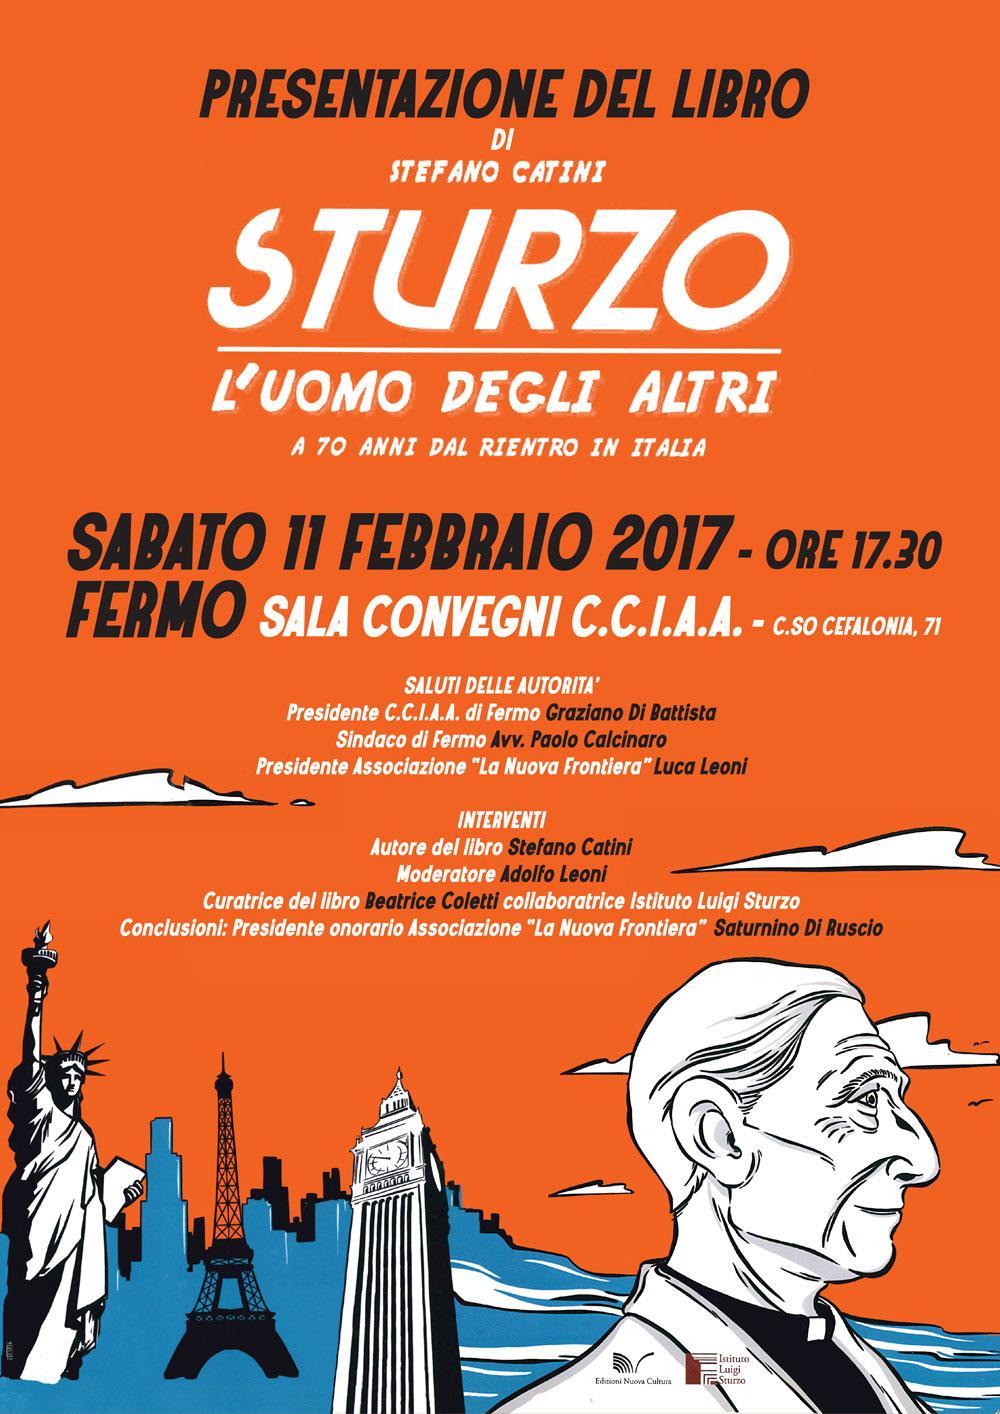 """Presentazione del libro """"Sturzo. L'uomo degli altri"""" di Stefano Catini"""